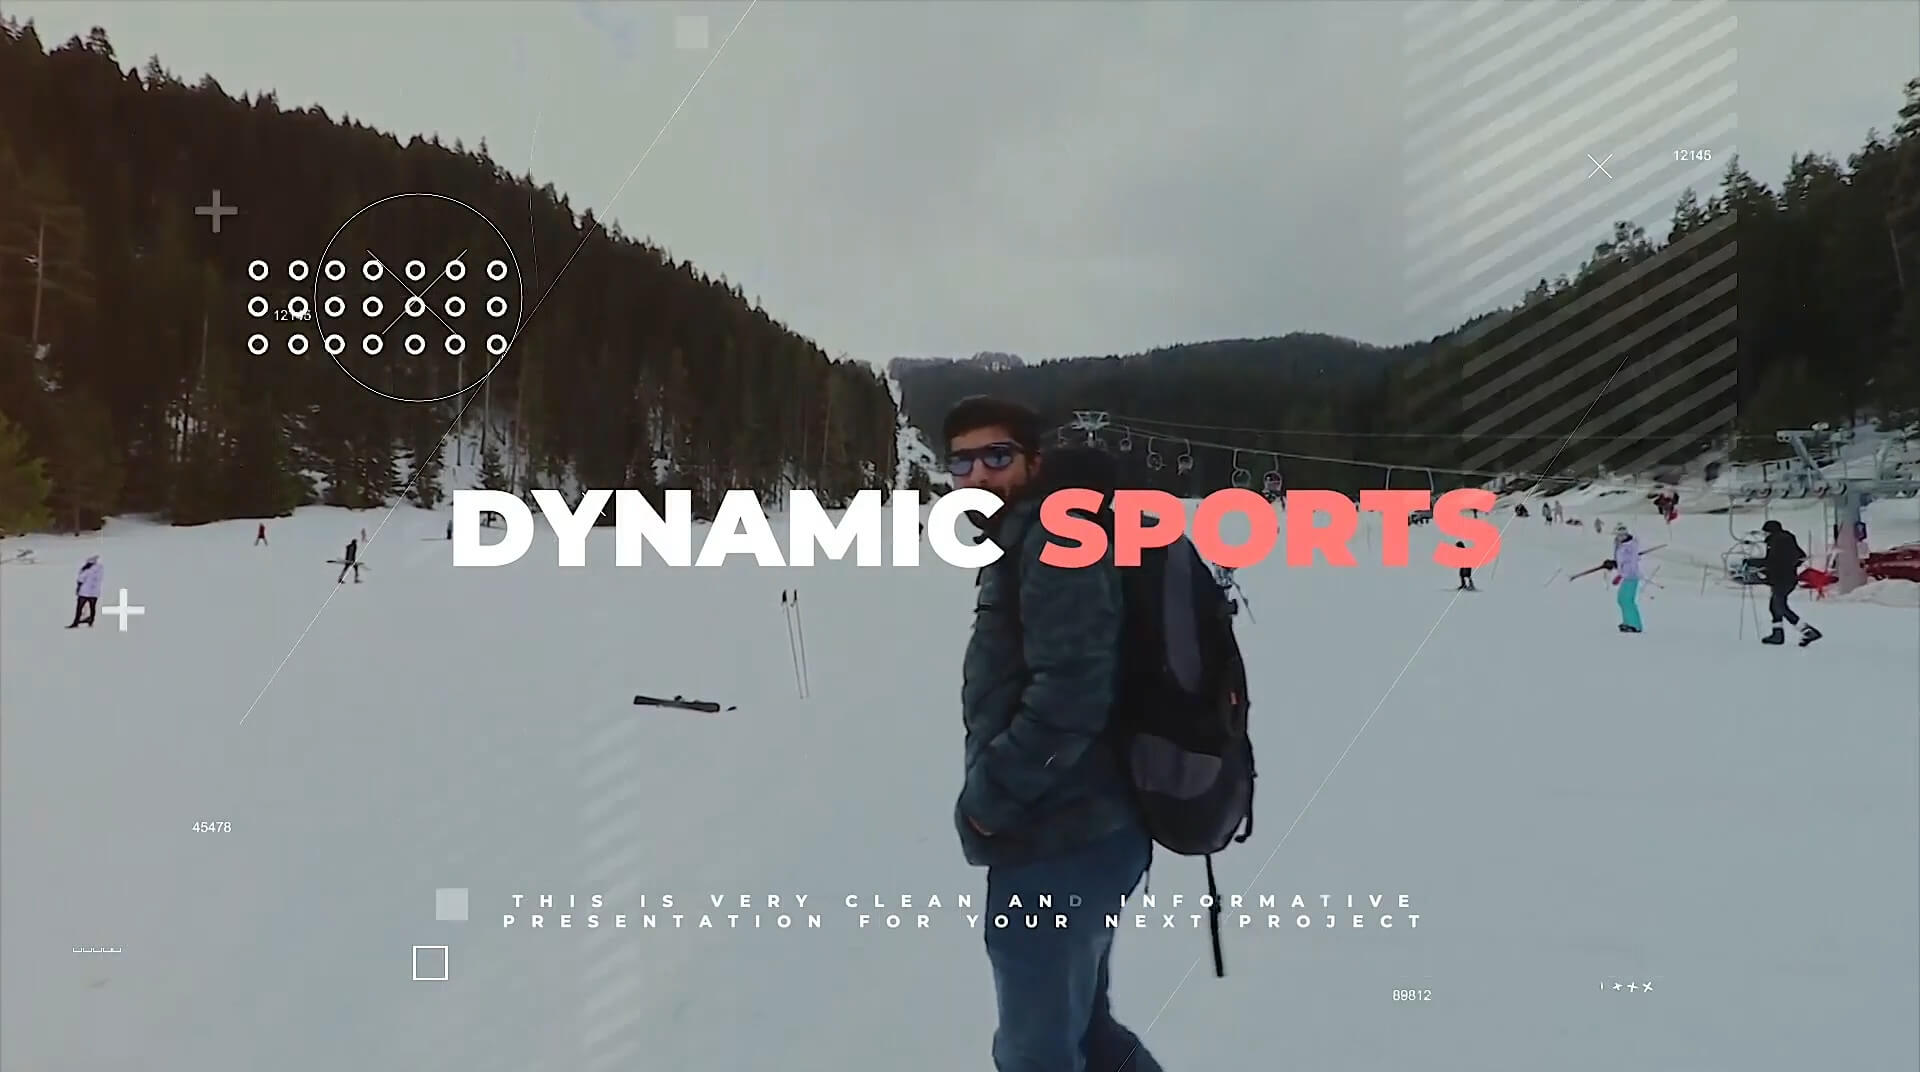 Fcpx主题插件 体育竞技类活动开场 旅游纪念相册模板 Dynamic Sports